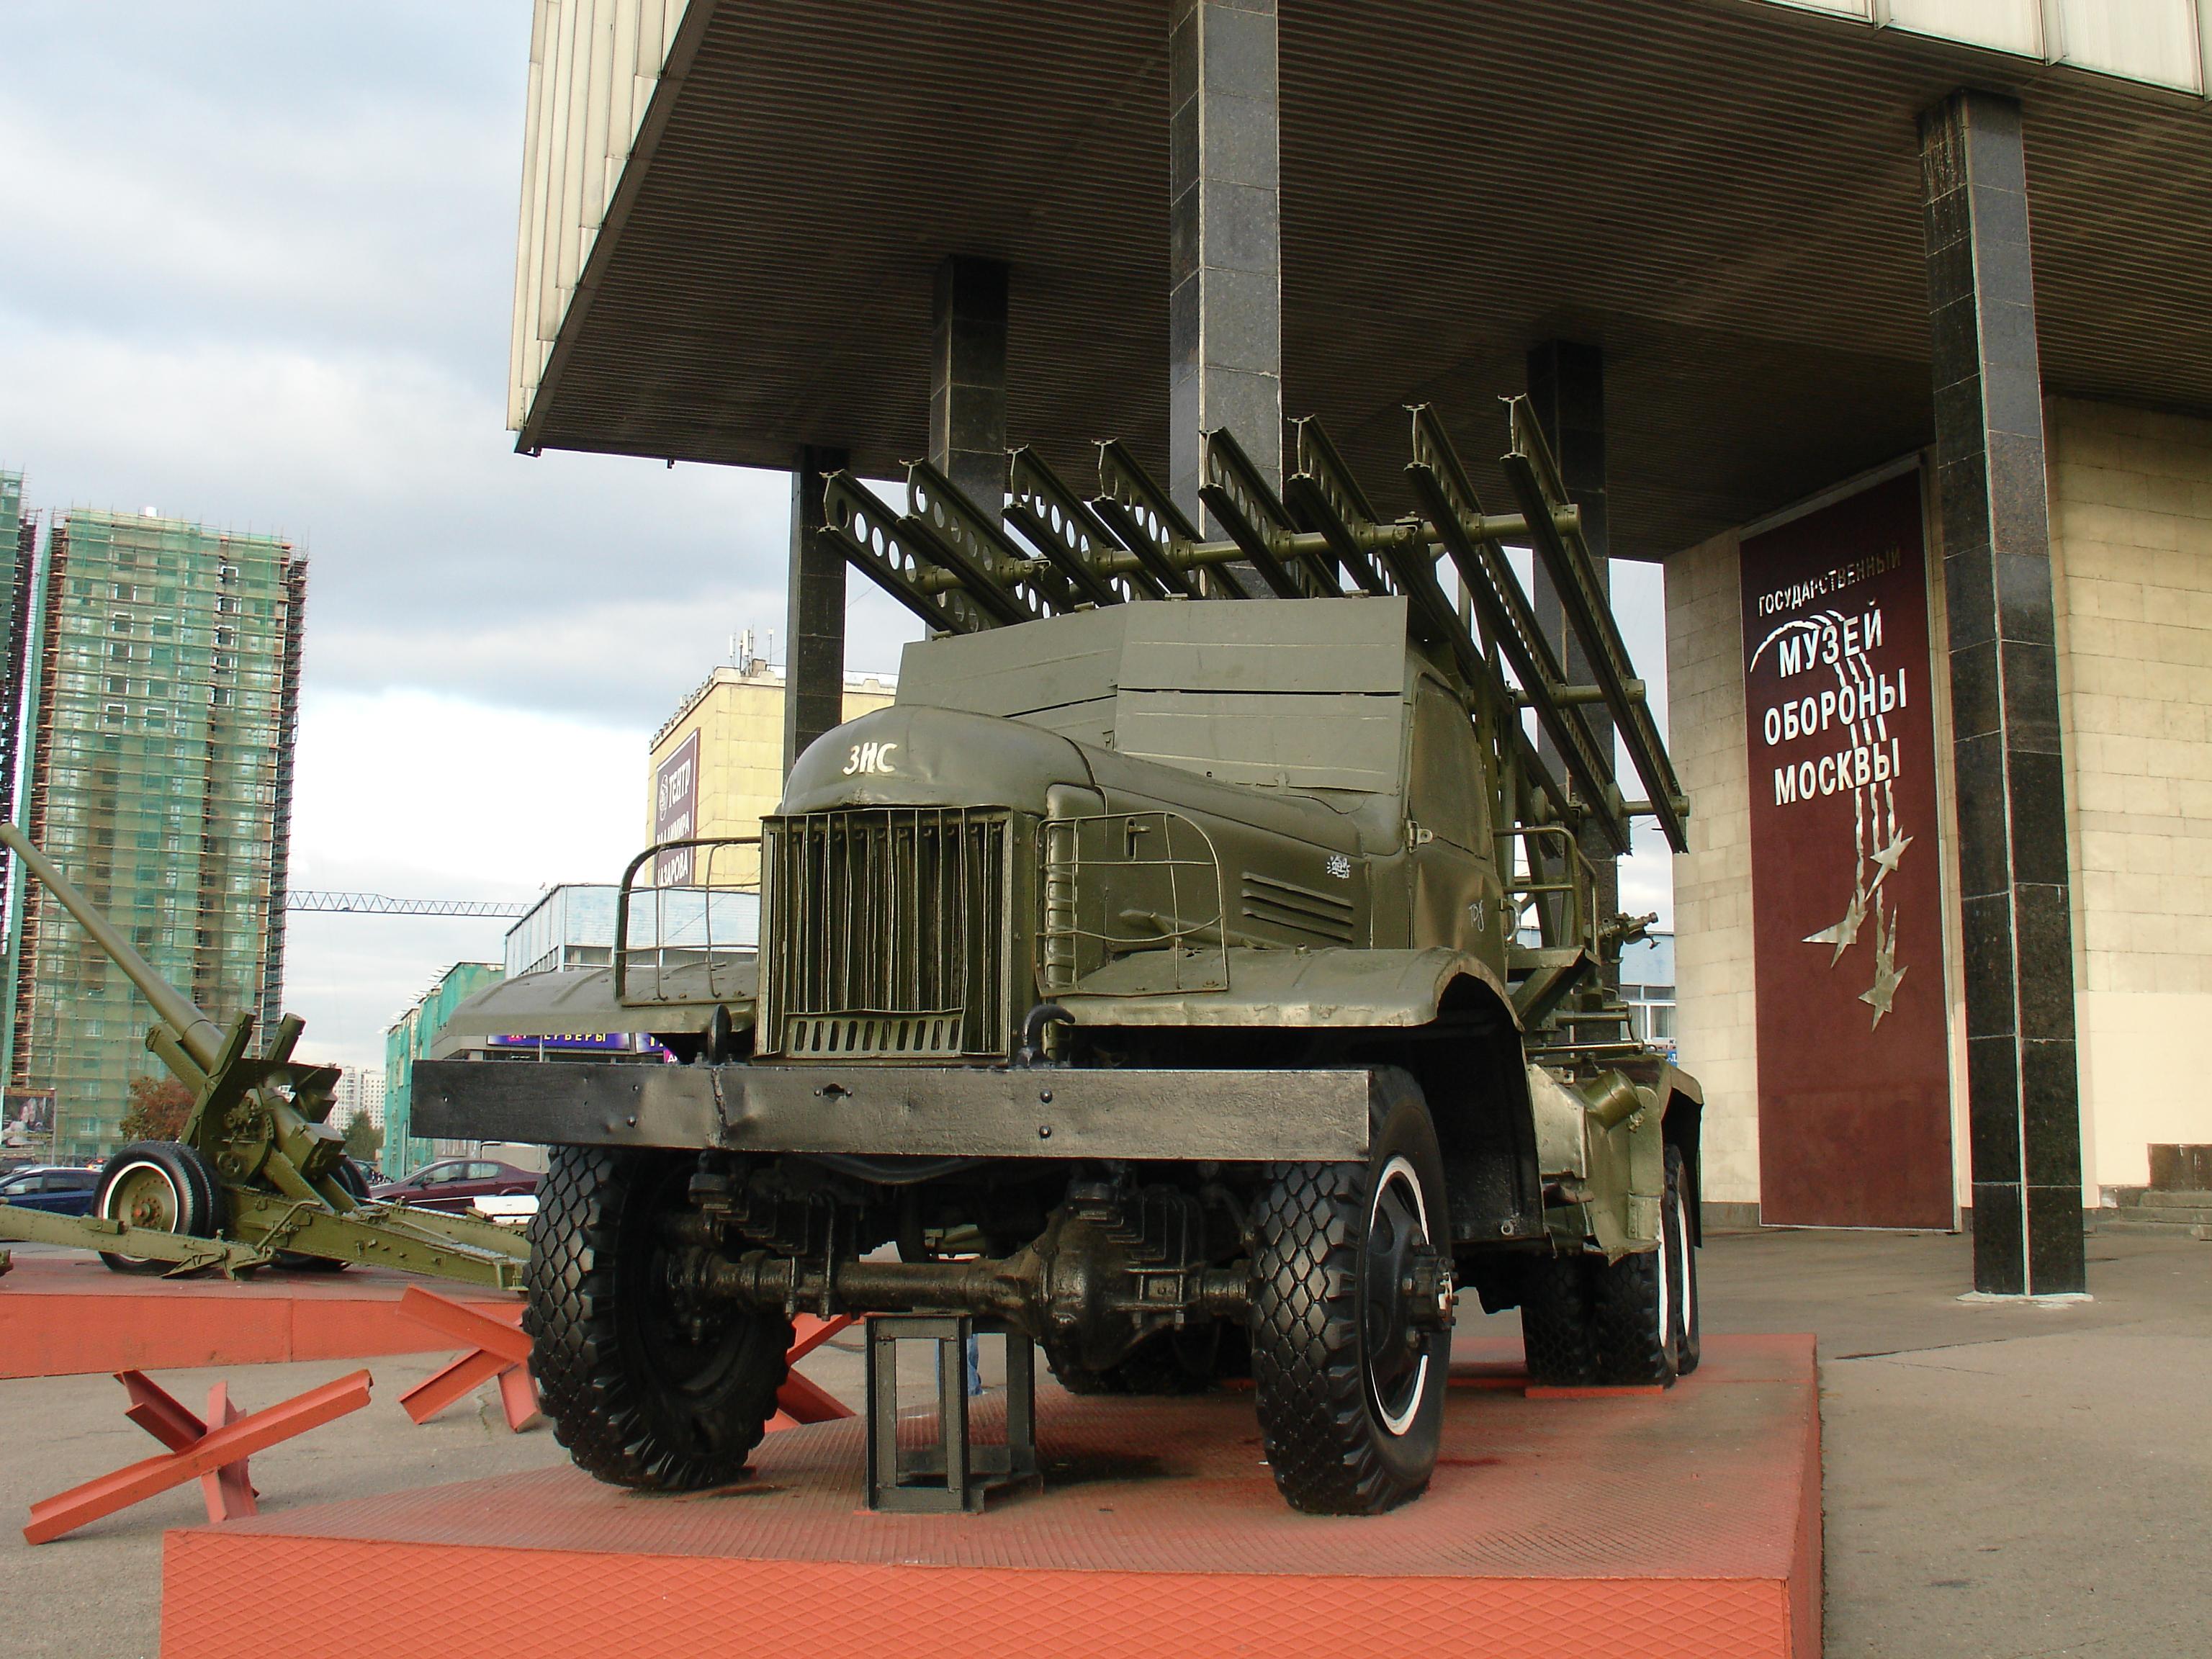 Photo of Военные музеи Москвы можно посетить бесплатно Военные музеи Москвы можно посетить бесплатно Военные музеи Москвы можно посетить бесплатно 01 6